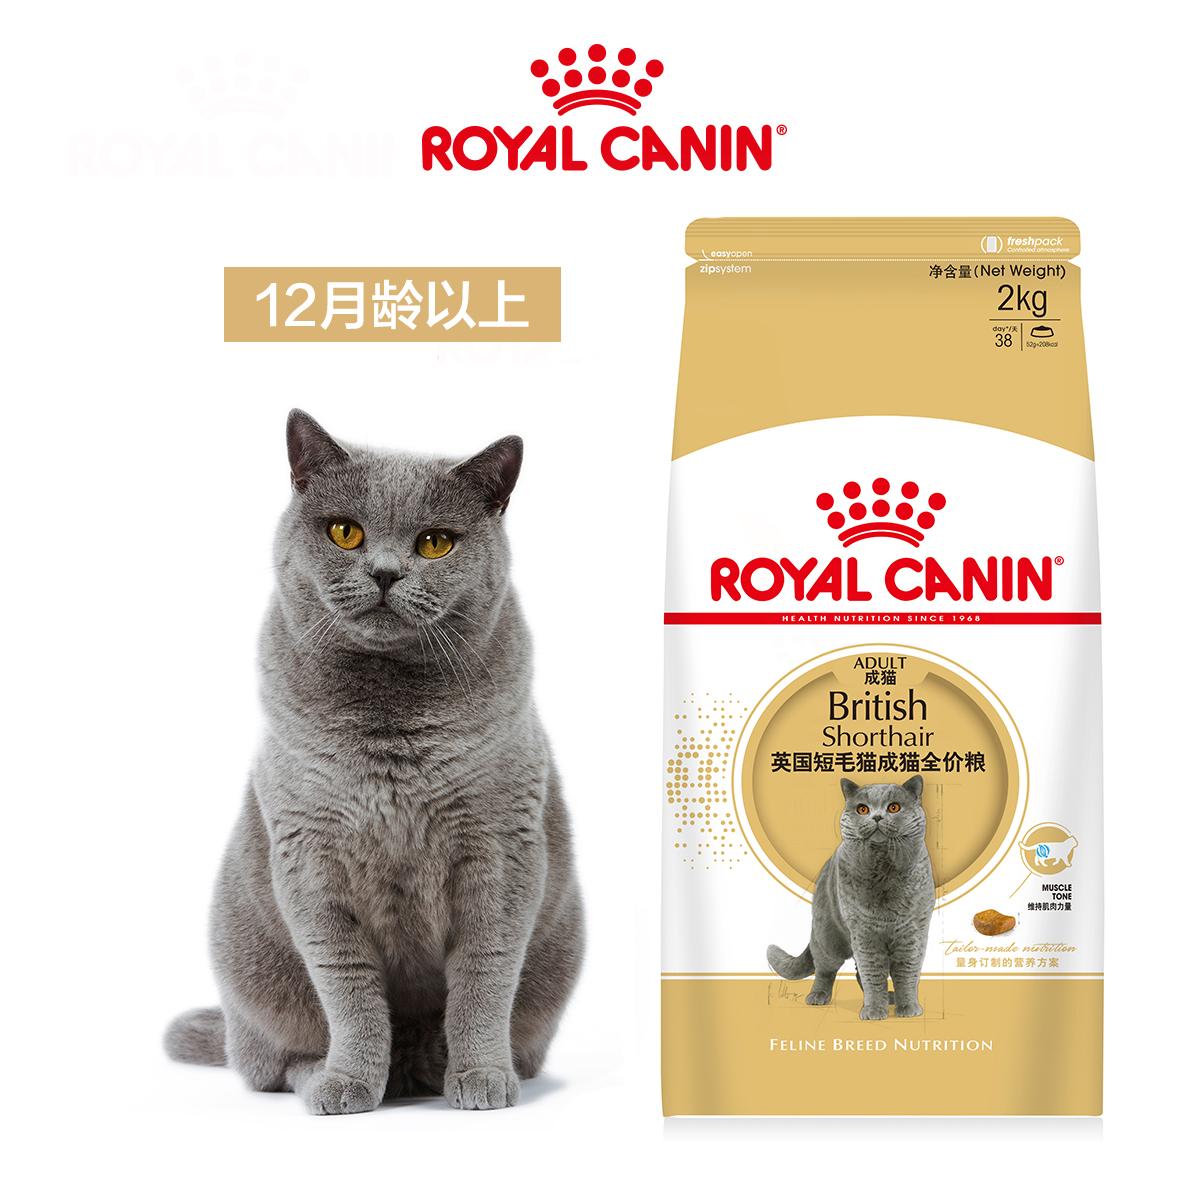 马甸老赵 皇家英短猫粮2kg英短银渐层专用猫粮BS34英短猫粮护心肌优惠券